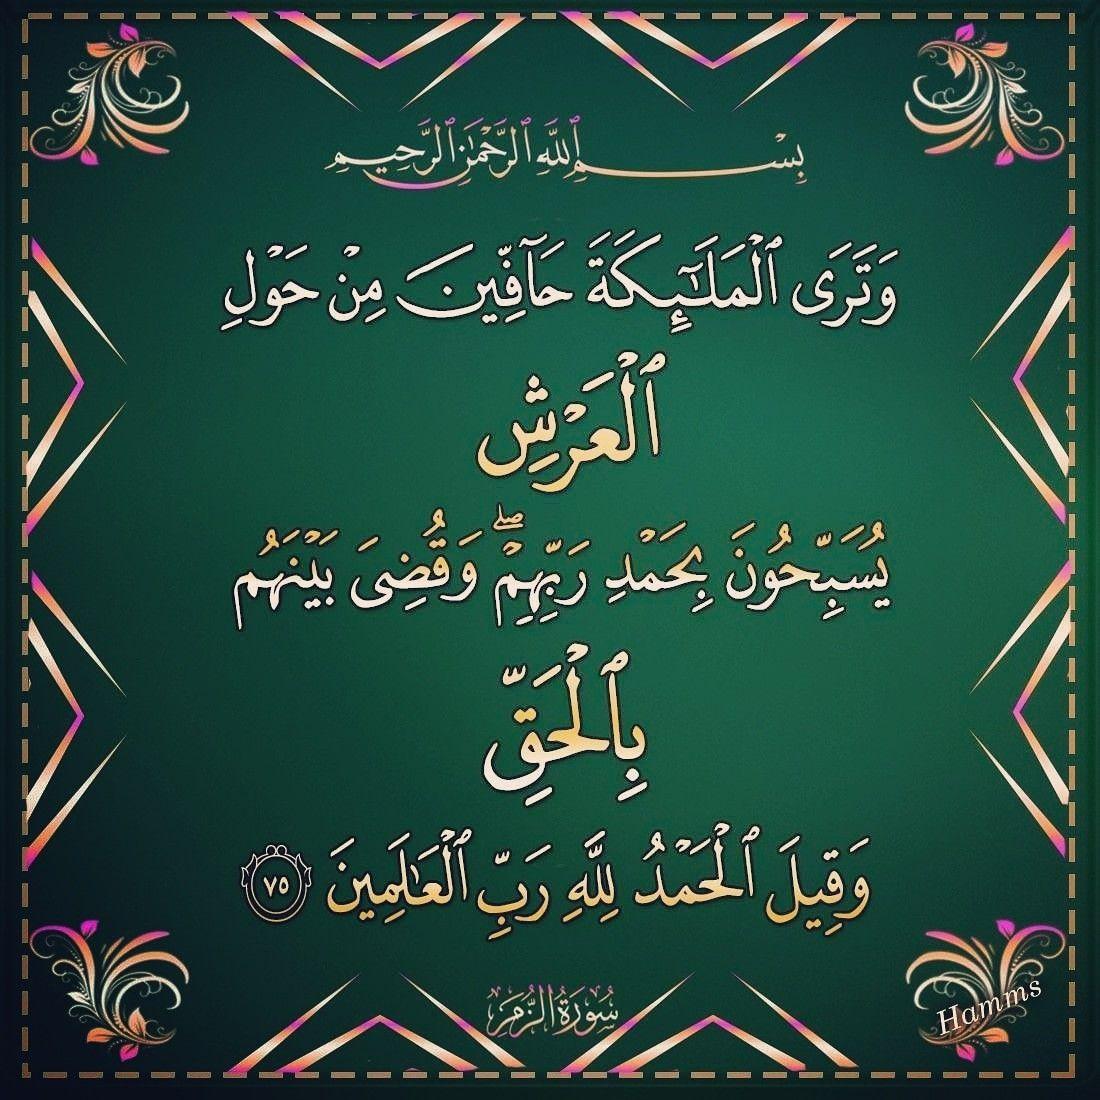 ٢٠ اللهم لا إله إلا أنت سبوح قدوس رب الملائكة والروح سخرت ملائكتك بأن يسبحوا بحمدك ويقدسوا لك وبشرت المؤمنين التائبين بأن Quran Verses Art Quotes Quran Surah